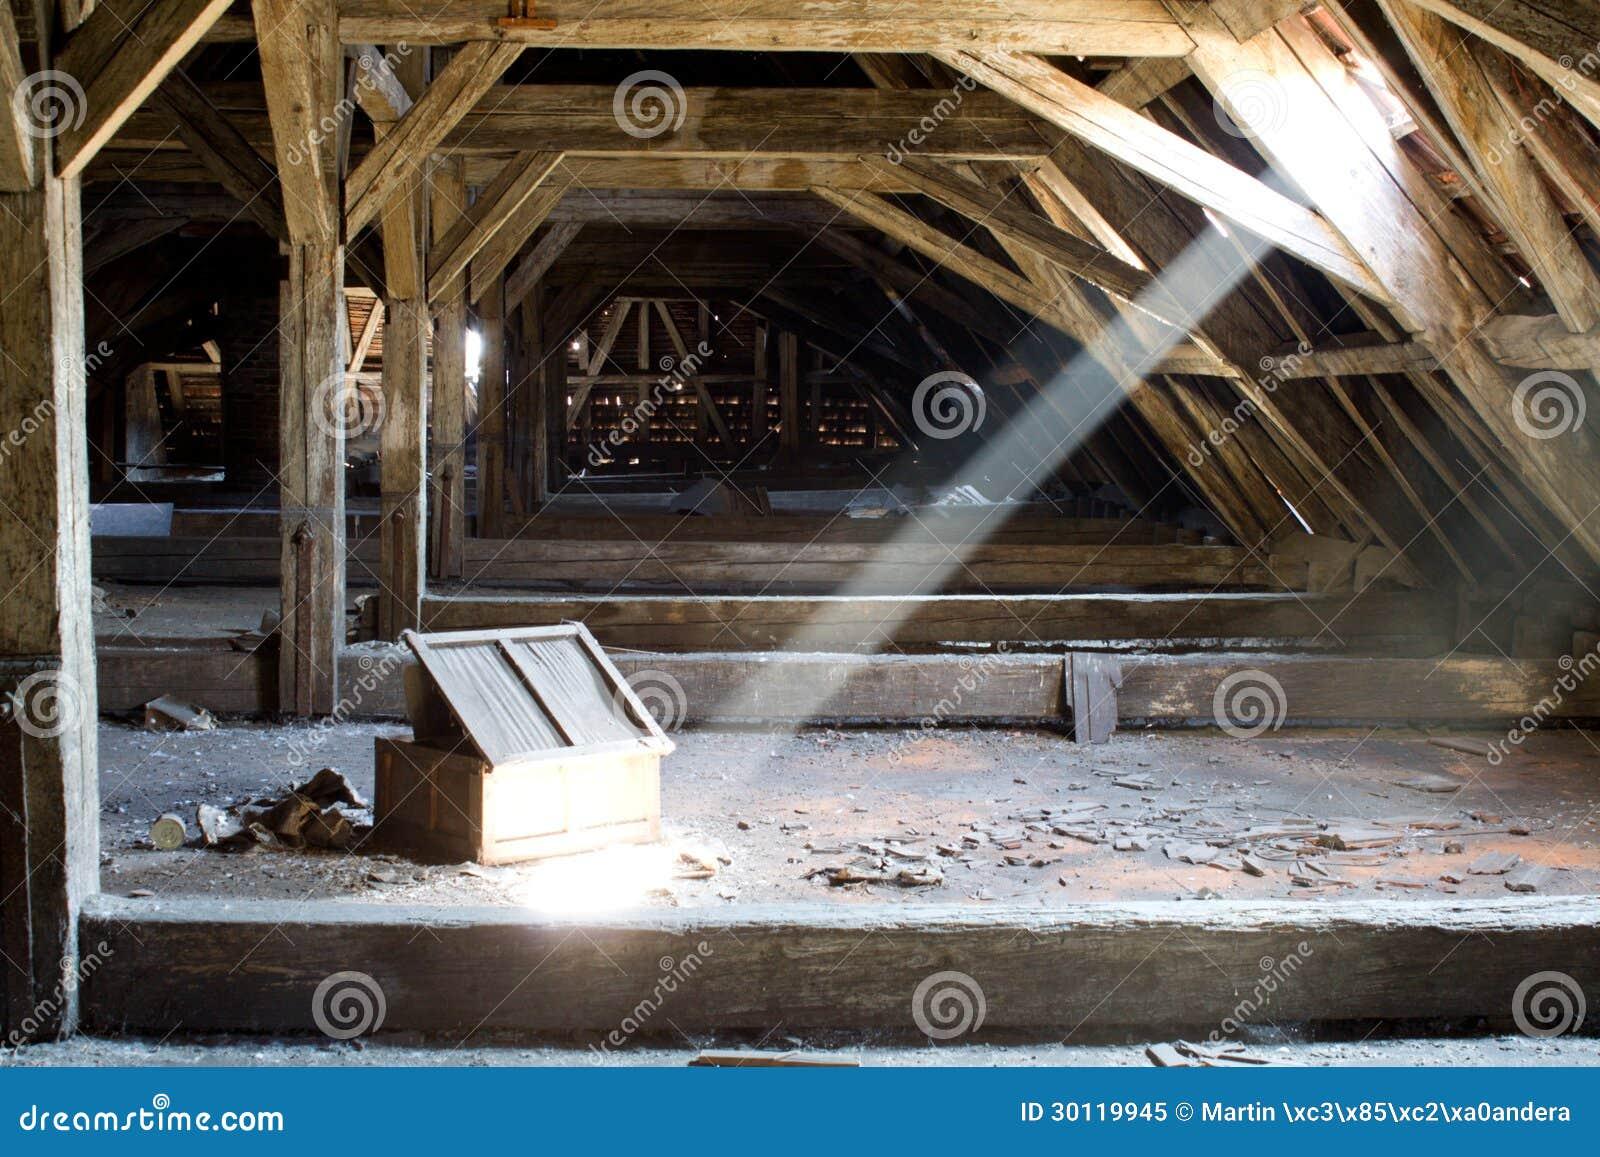 Vieux grenier d 39 une maison secrets cach s image stock for Agrandissement maison grenier